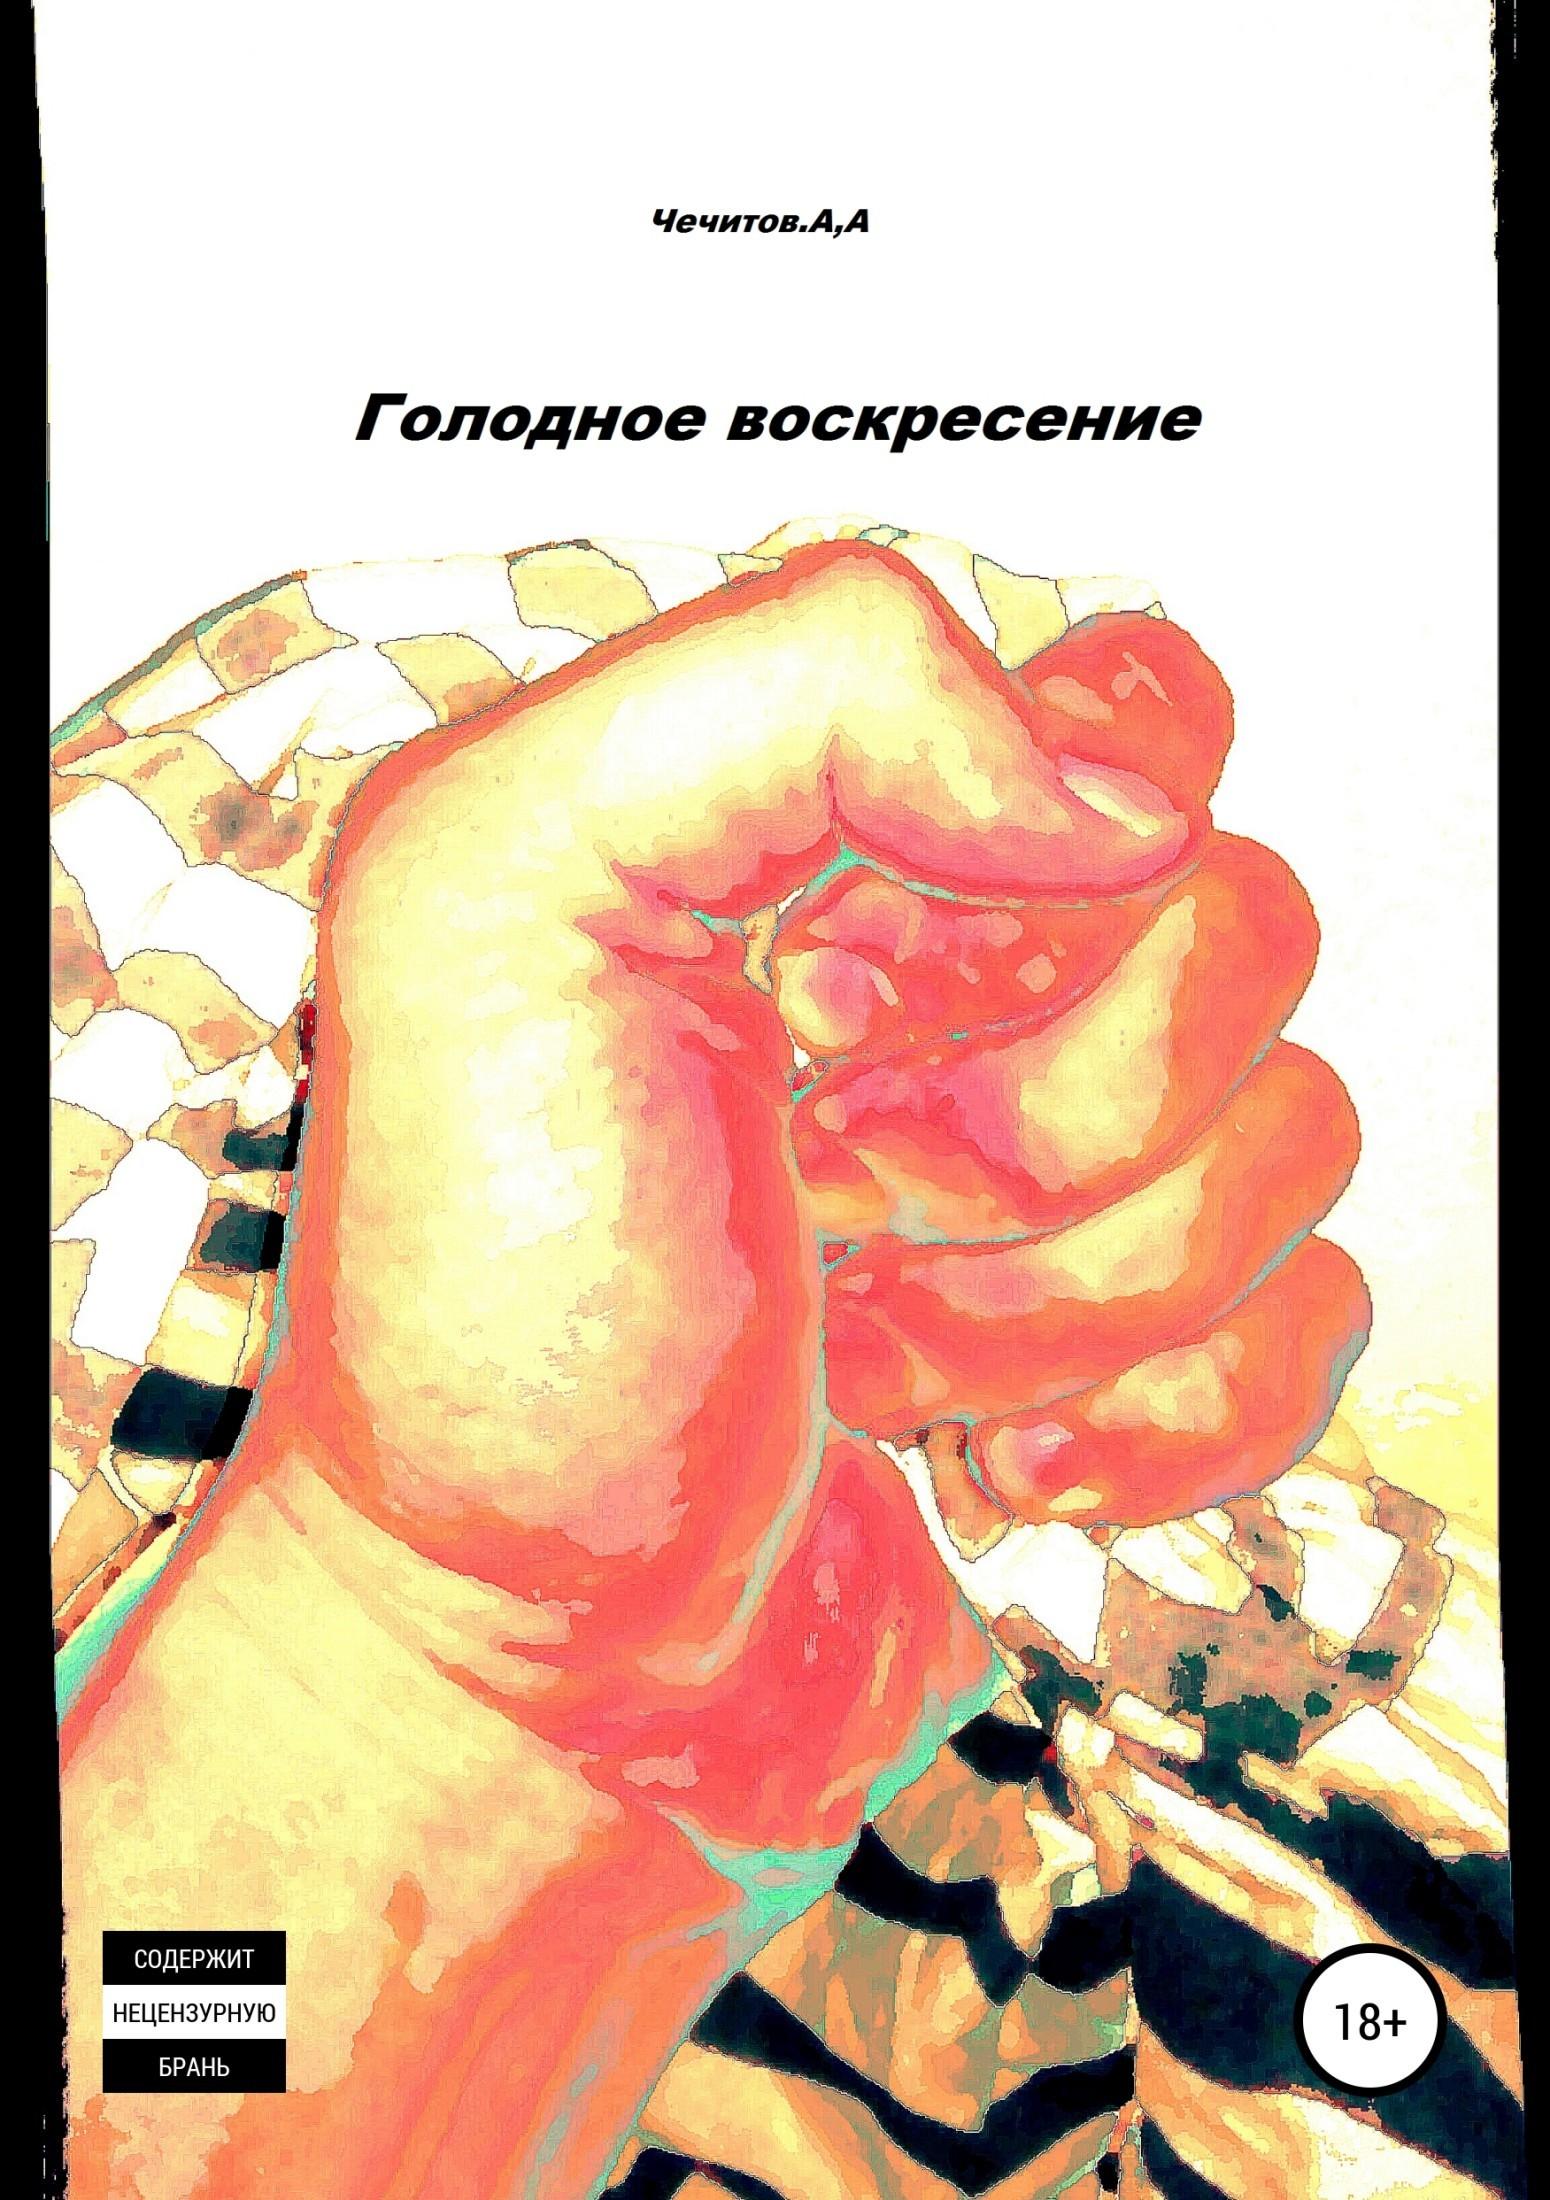 цена Александр Александрович Чечитов Голодное воскресение